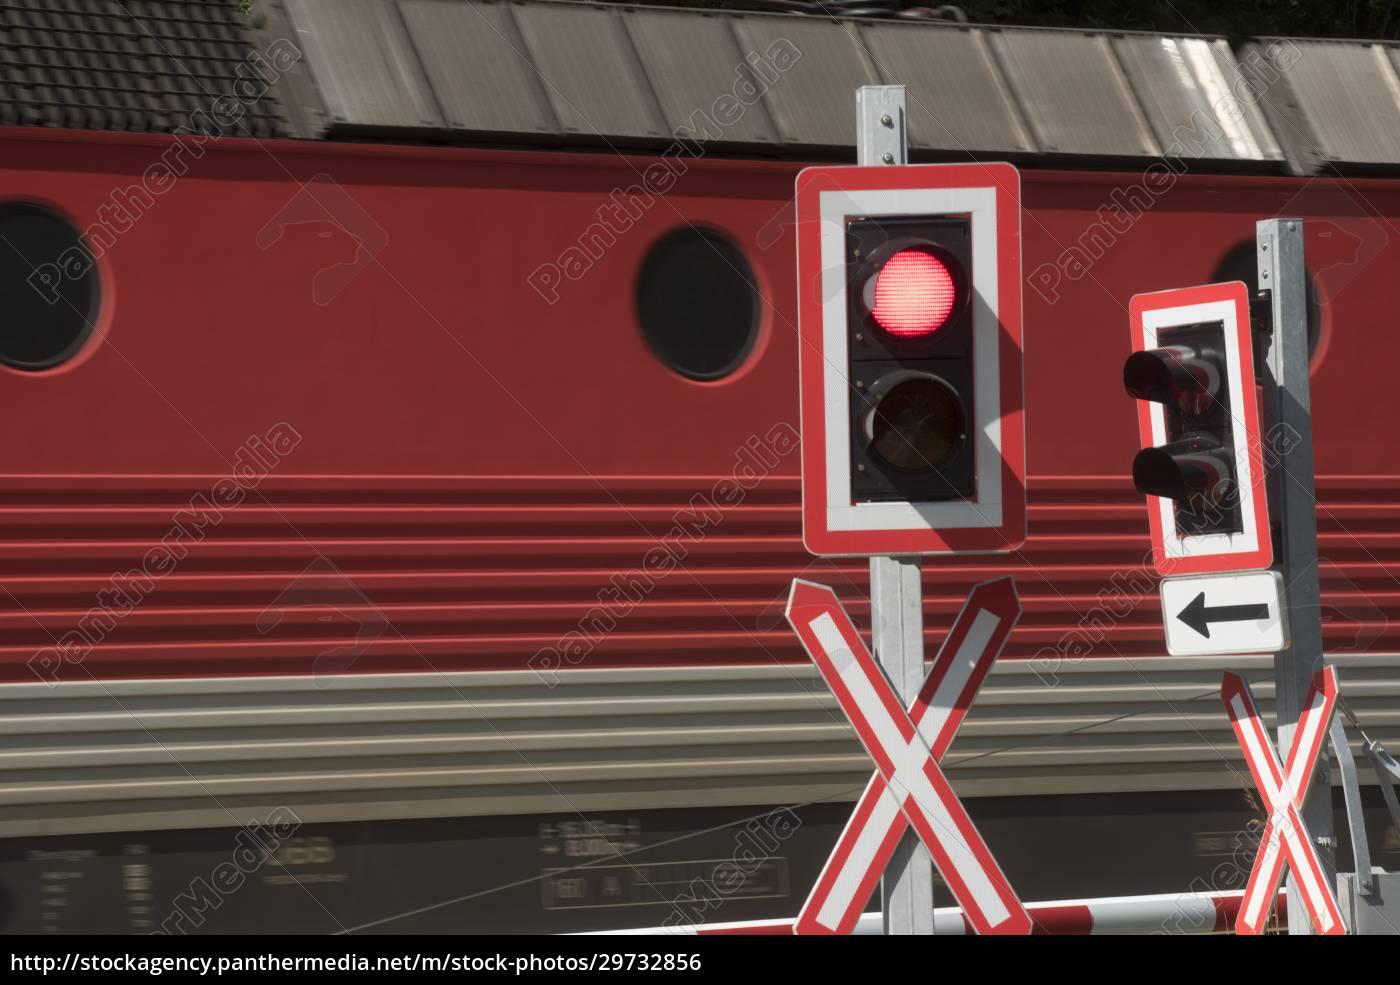 przejazd, kolejowy, w, ruchu, kolejowym - 29732856